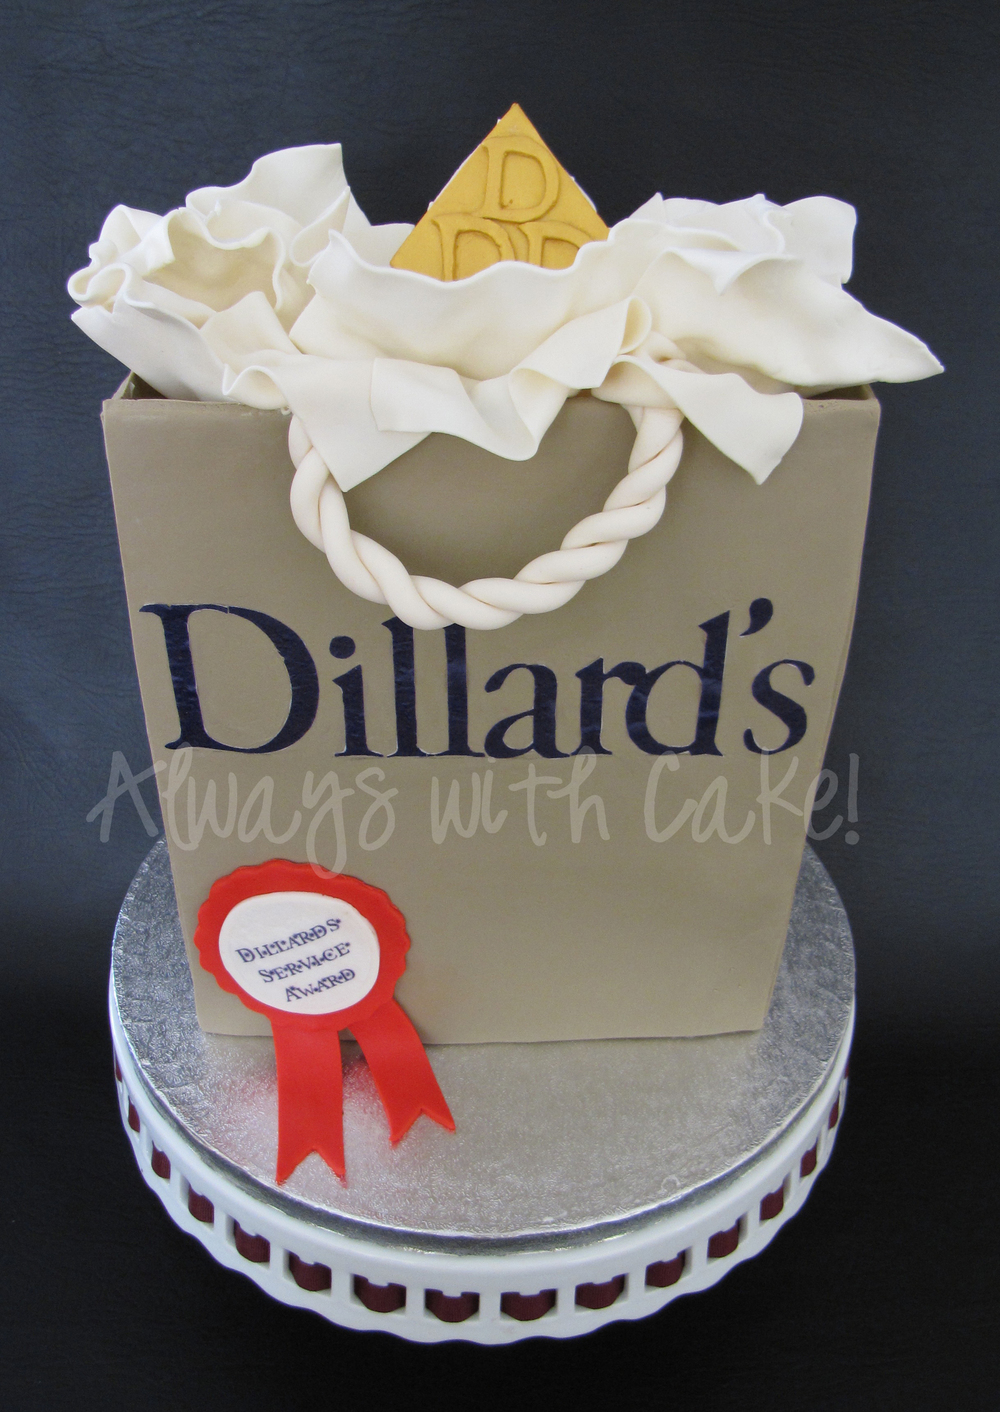 Dillards Shopping Bag Cake